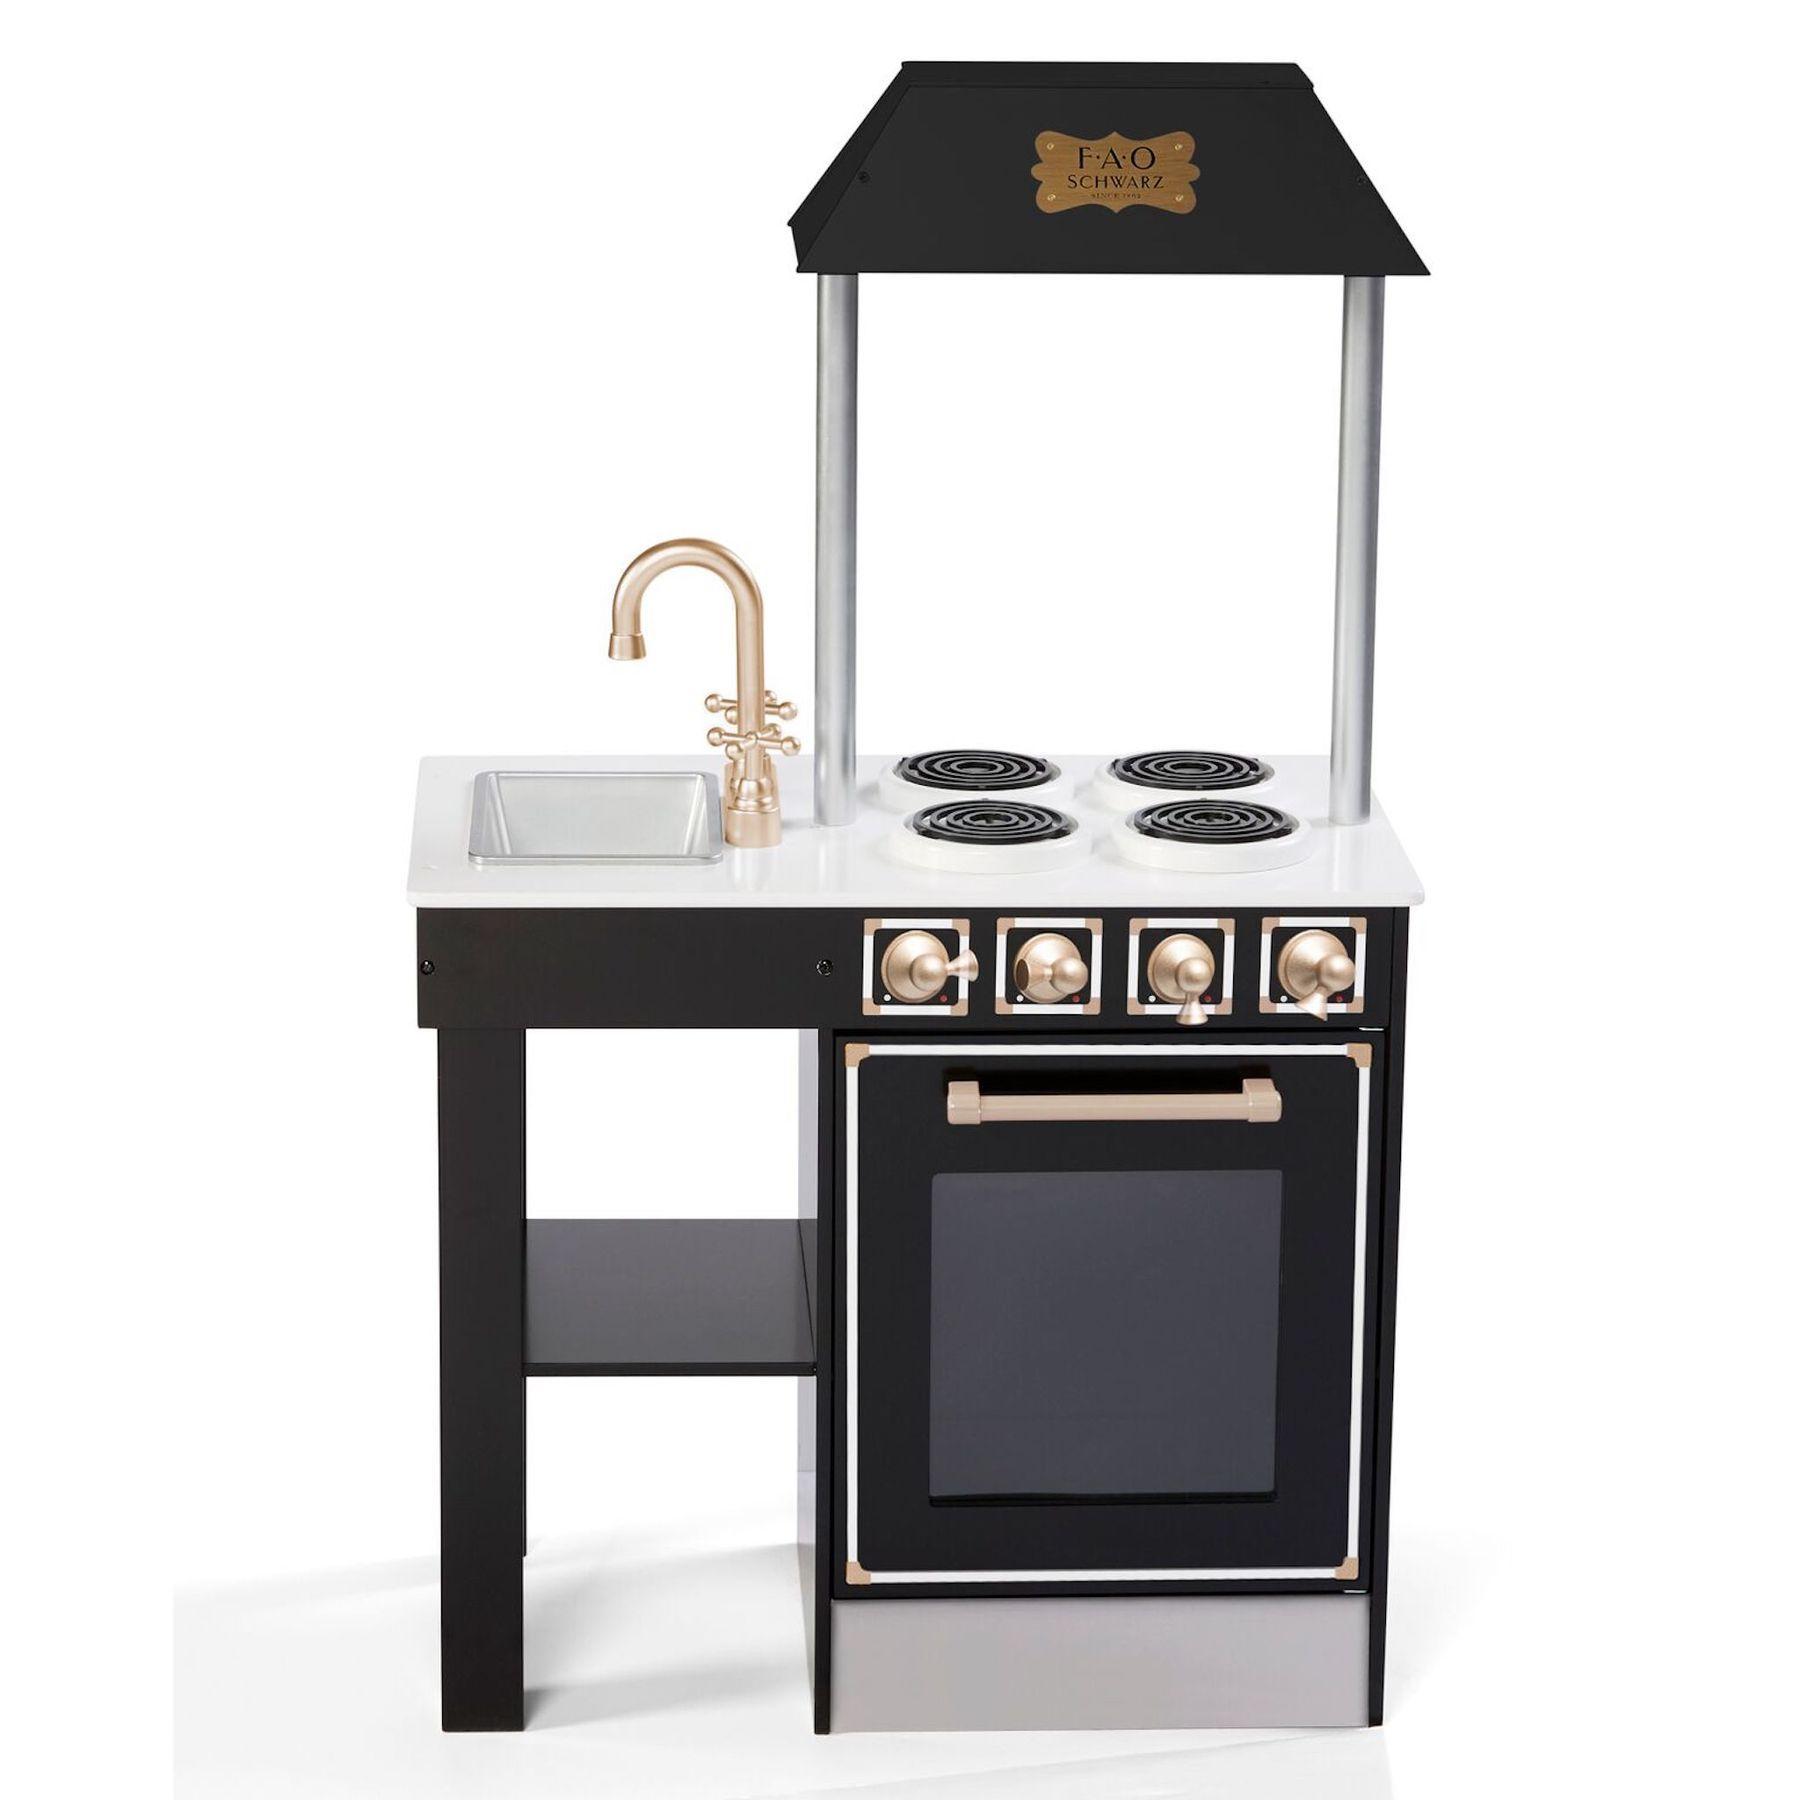 Wooden Kitchen Set FAO Schwarz Wooden kitchen set